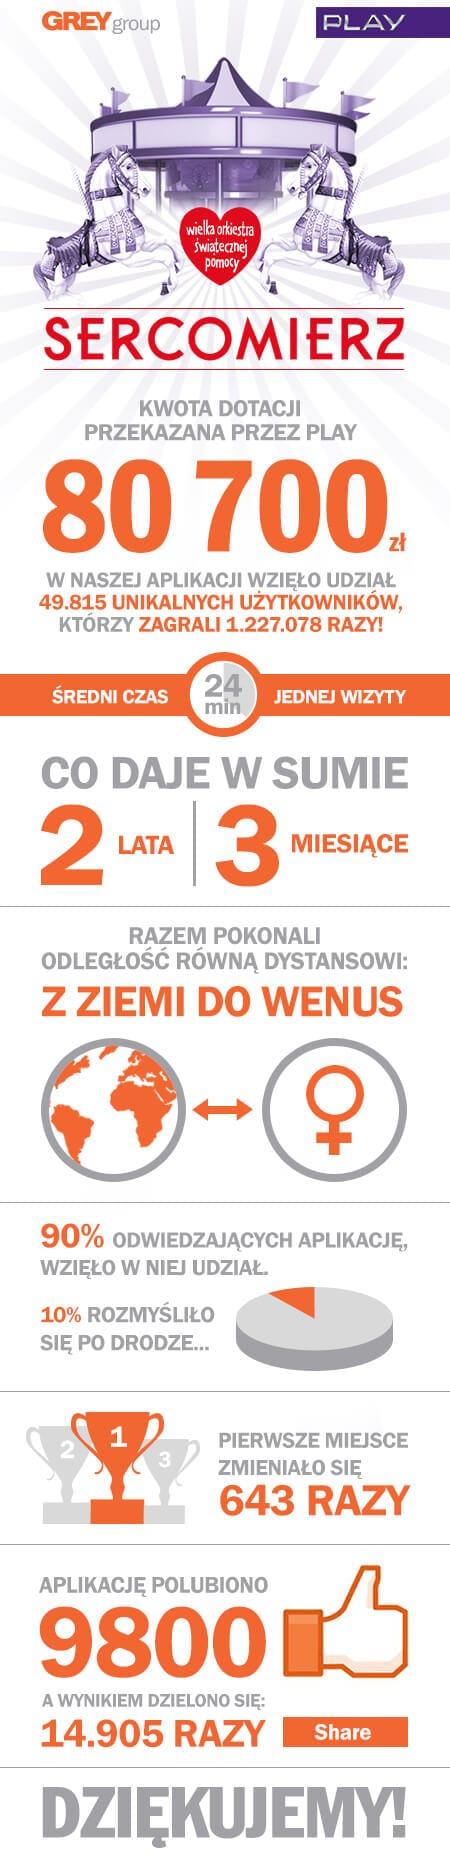 infografika_sercomierz